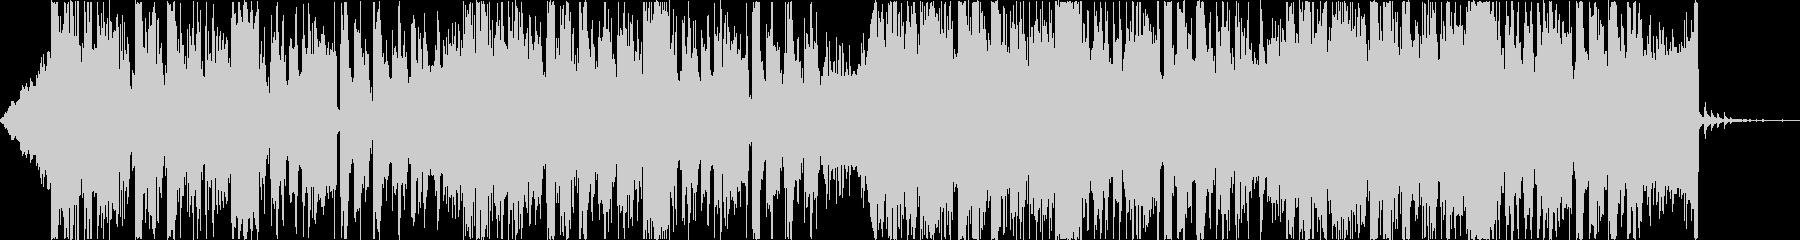 緊迫デジタルダークシネマティックEDMcの未再生の波形